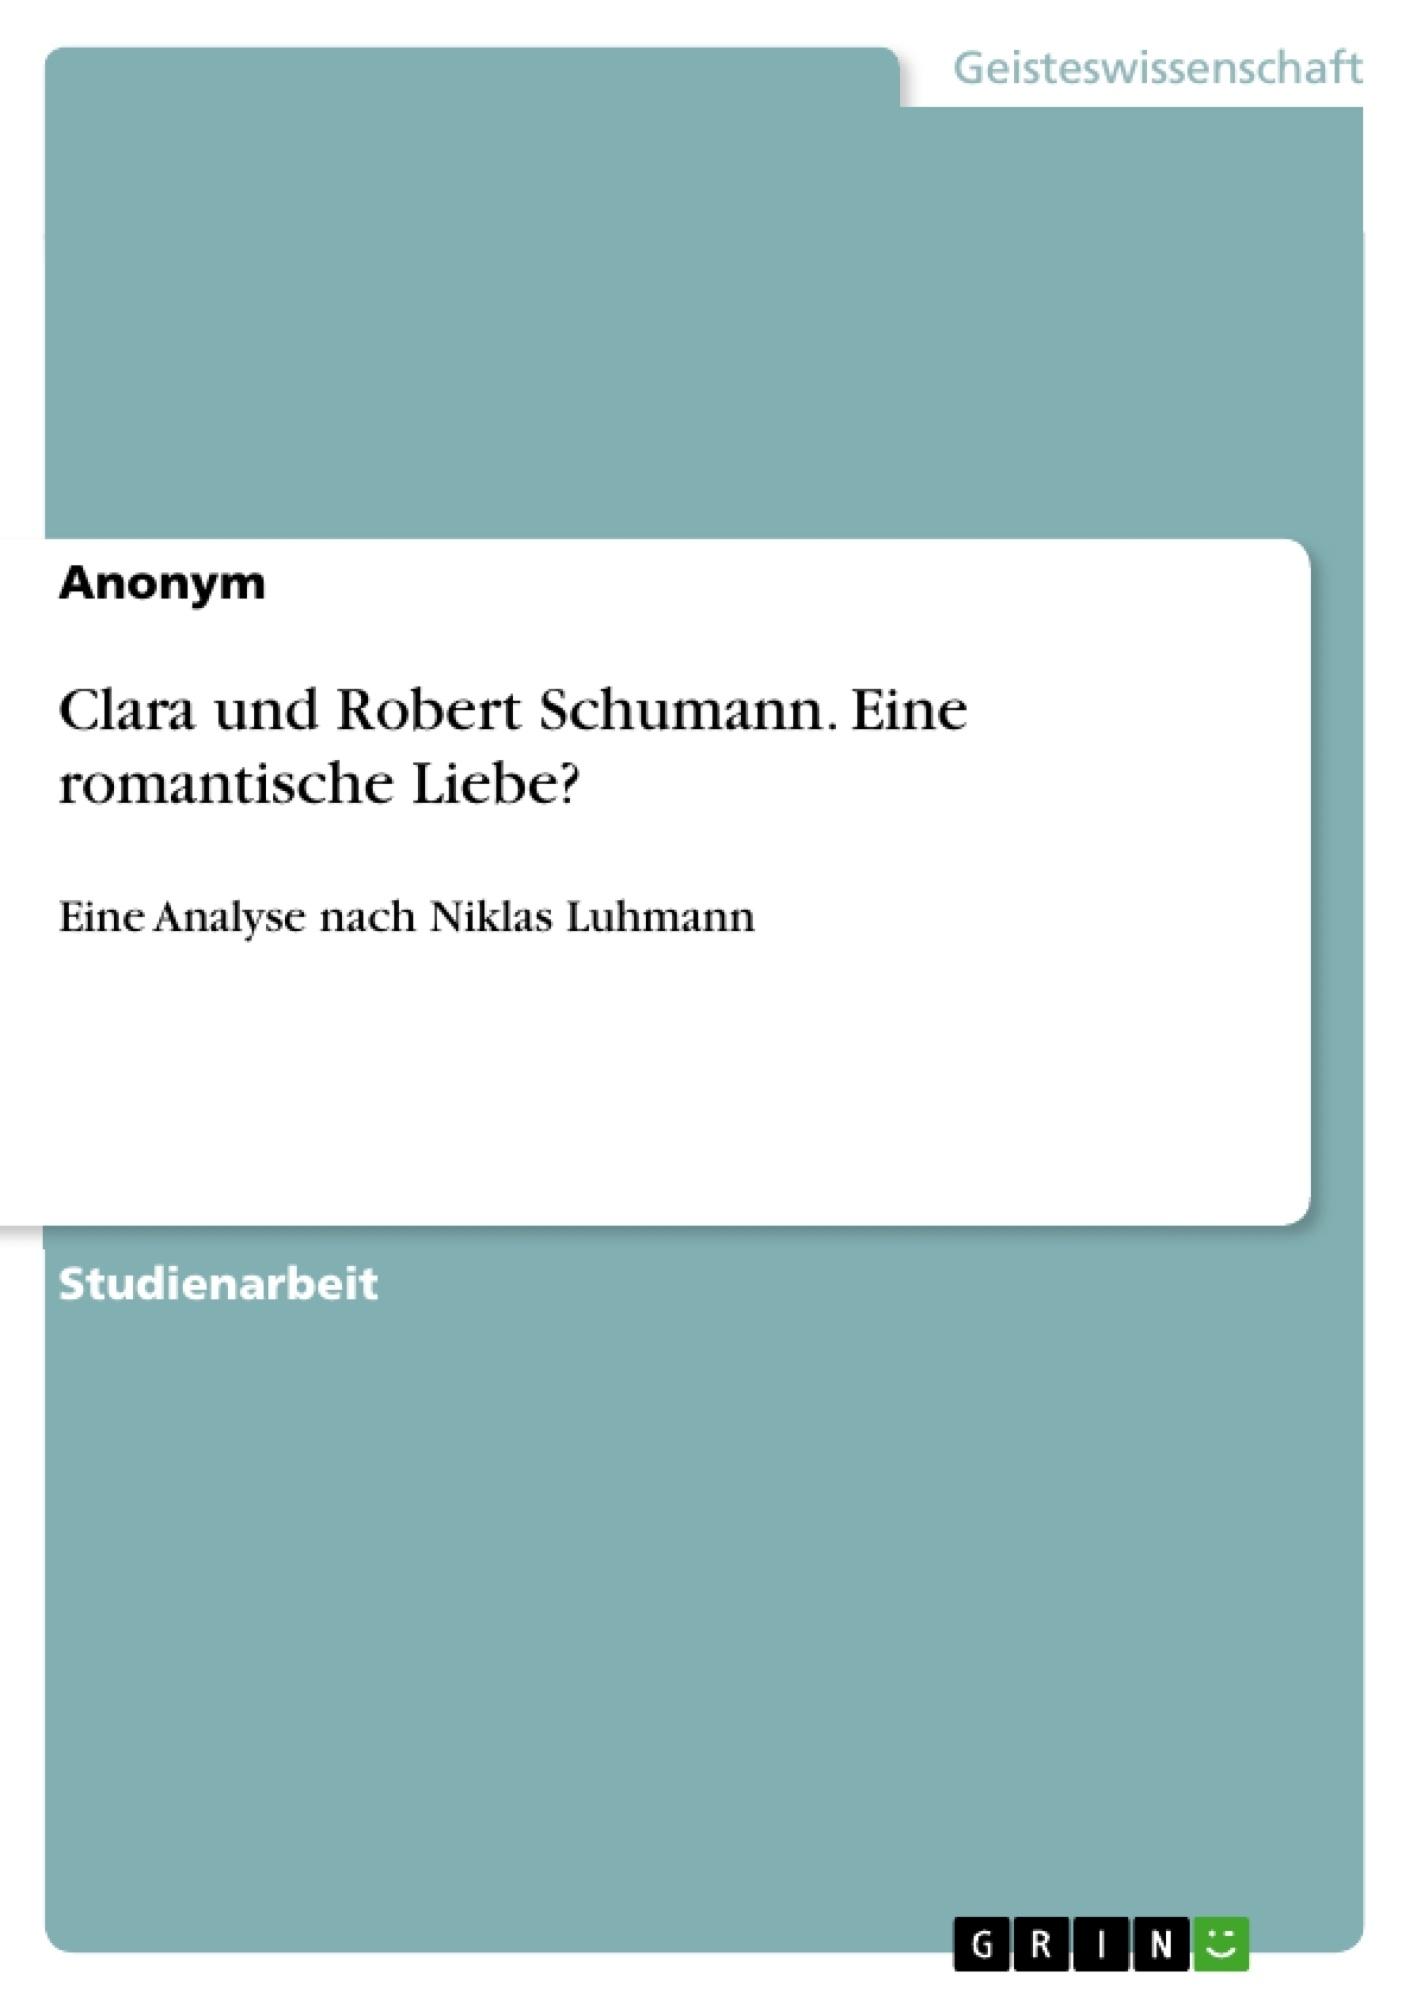 Titel: Clara und Robert Schumann. Eine romantische Liebe?